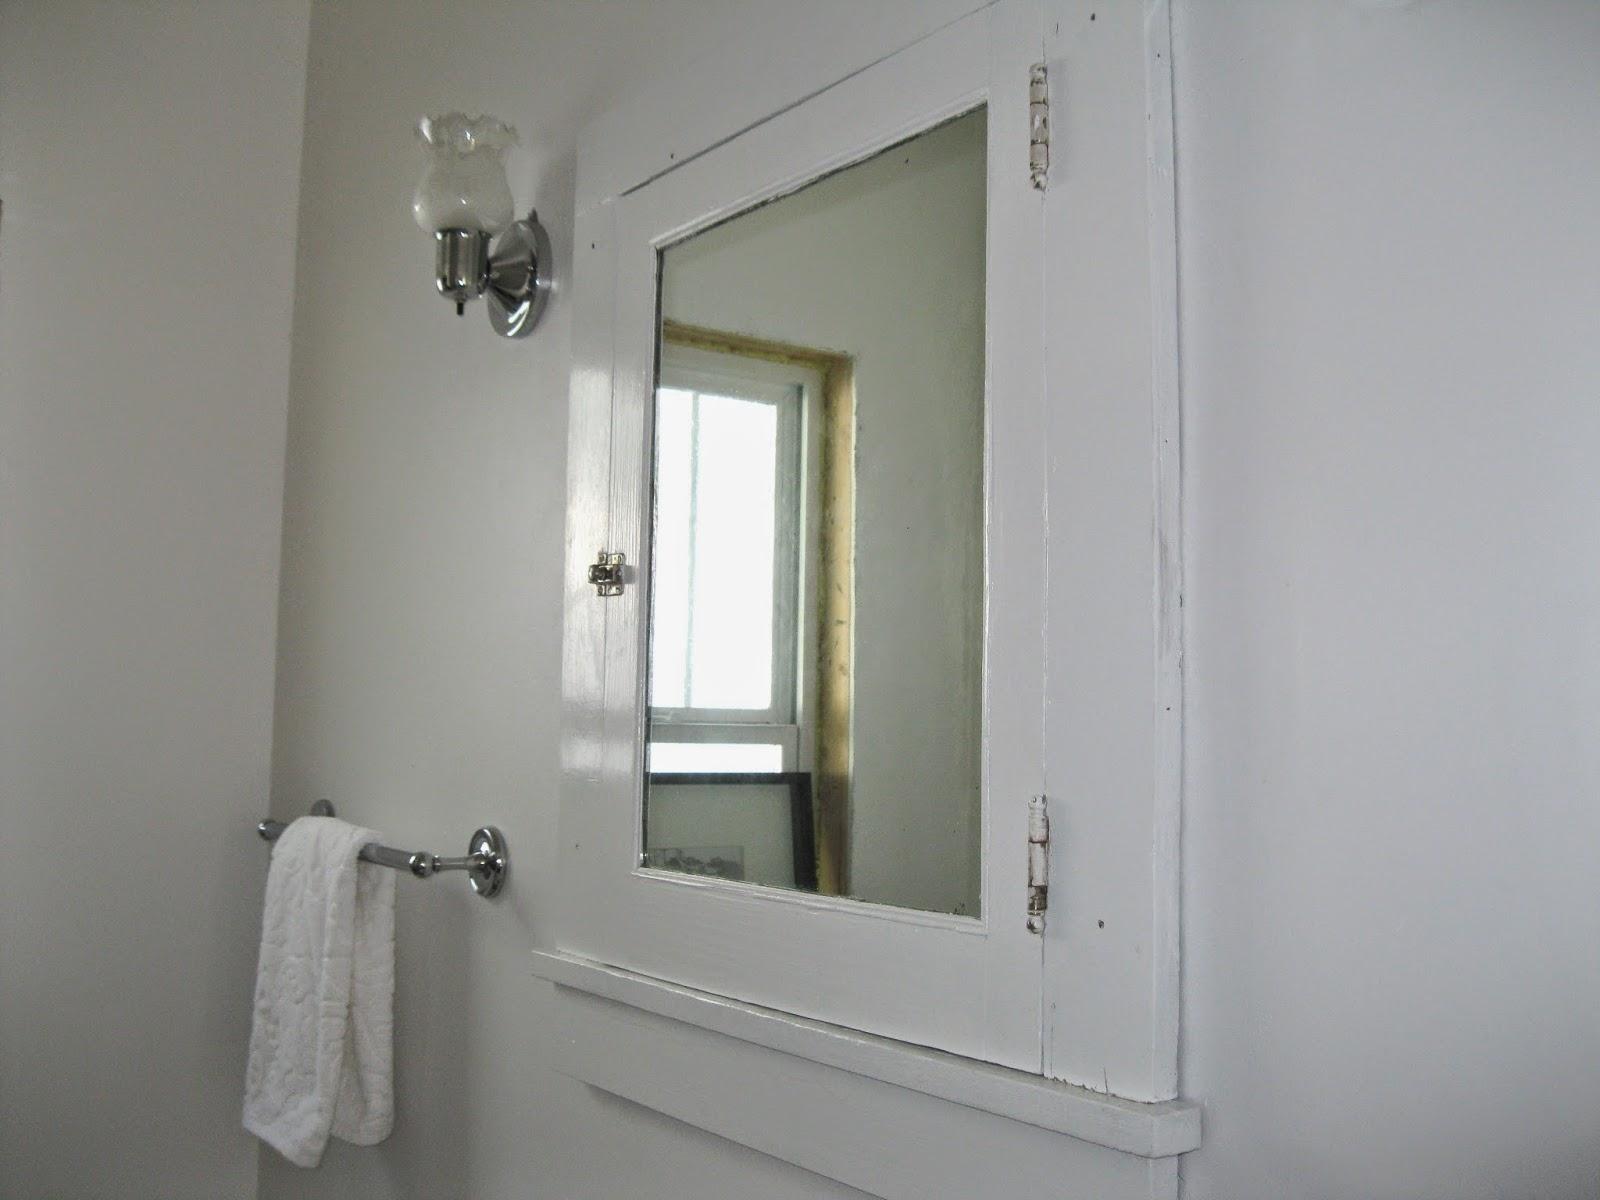 [1920 bathroom medicine cabinet] - 100 images - 16 best ...